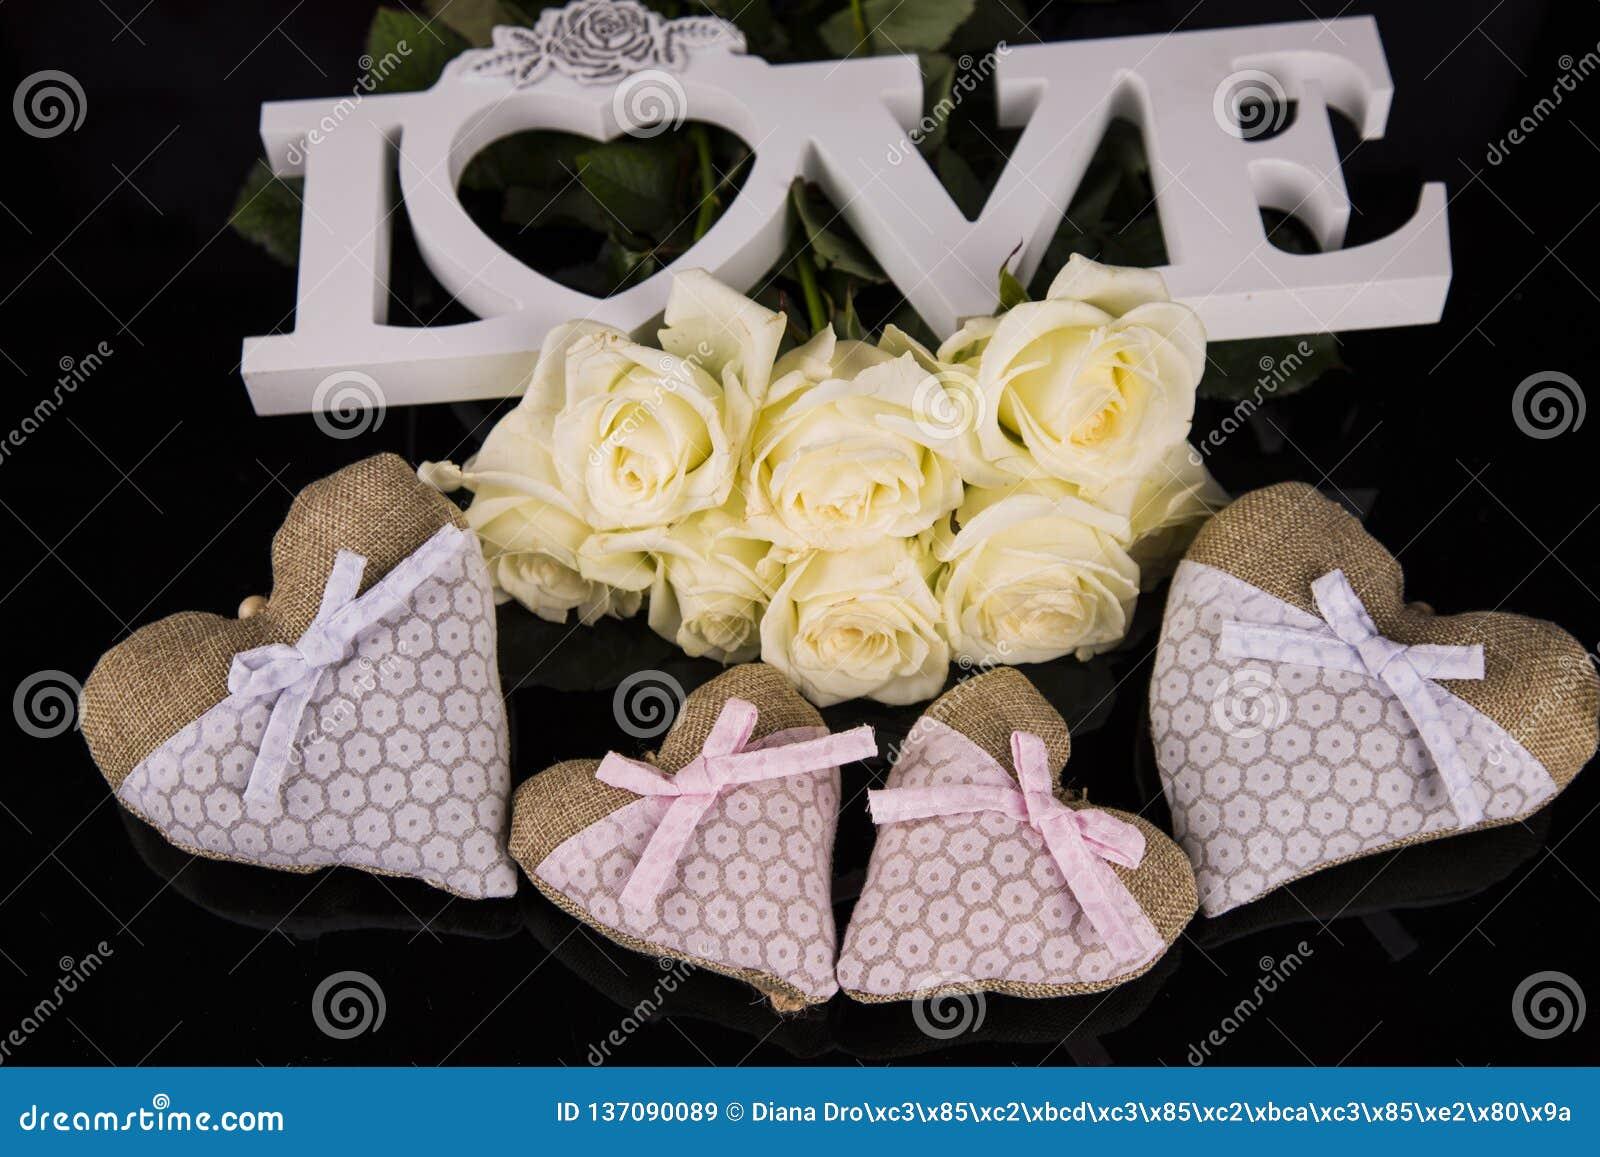 Un ramo de rosas blancas, corazones hizo del material, ángeles valentines